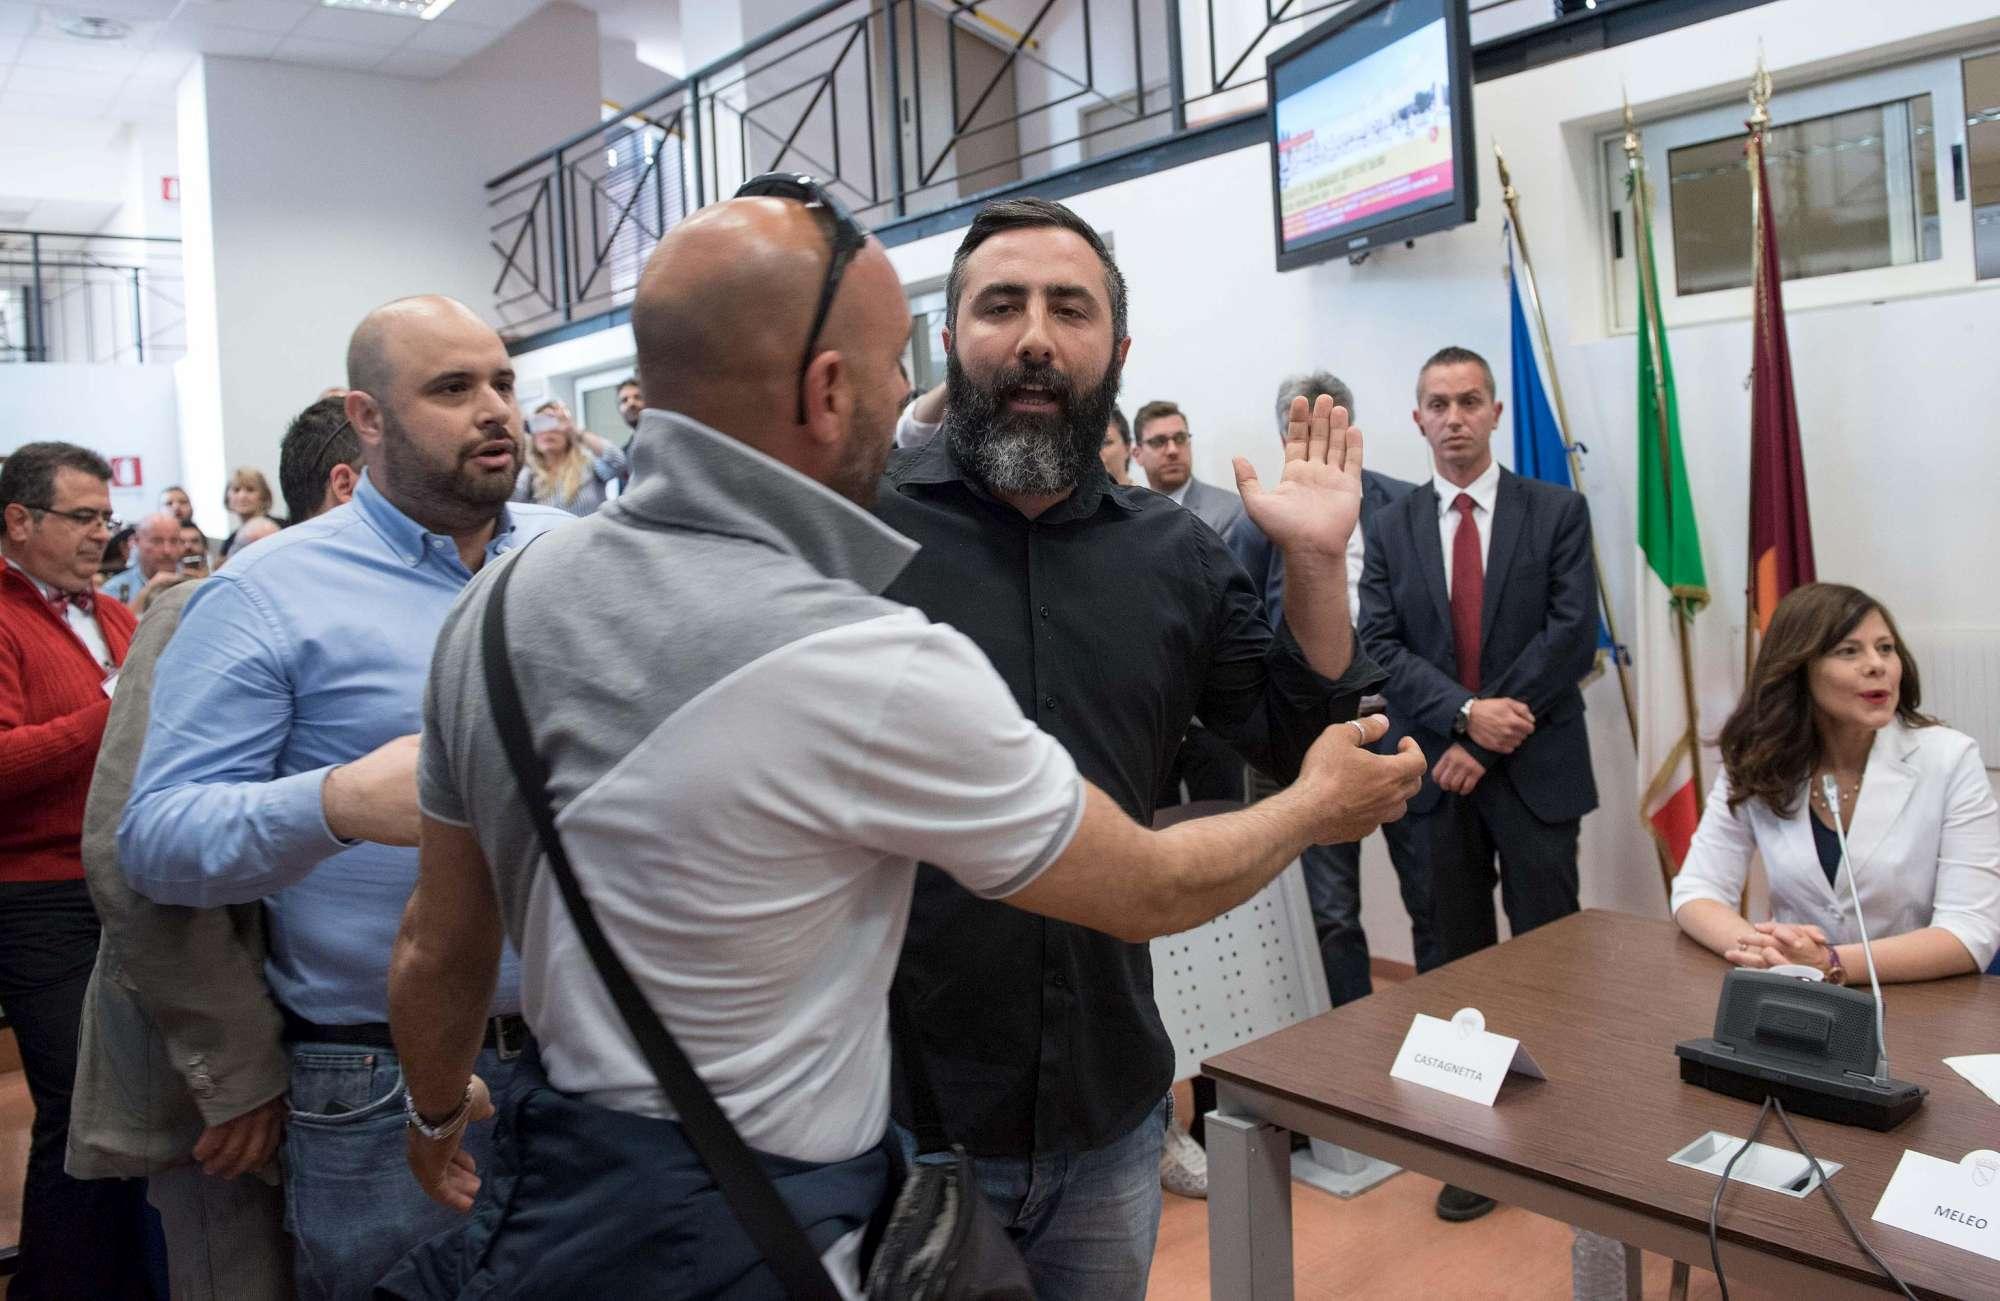 RAGGI DIMETTITIBlitz di CasaPound: il sindaco lascia la sala